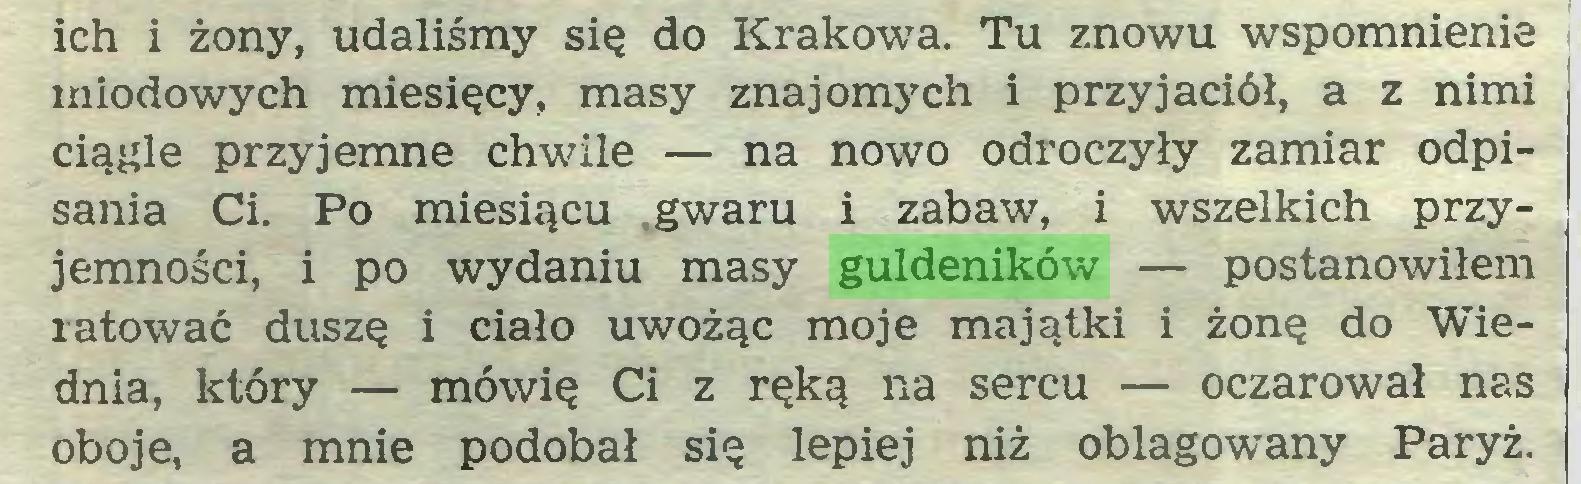 (...) ich i żony, udaliśmy się do Krakowa. Tu znowu wspomnienie miodowych miesięcy, masy znajomych i przyjaciół, a z nimi ciągle przyjemne chwile — na nowo odroczyły zamiar odpisania Ci. Po miesiącu .gwaru i zabaw, i wszelkich przyjemności, i po wydaniu masy guldeników — postanowiłem ratować duszę i ciało uwożąc moje majątki i żonę do Wiednia, który — mówię Ci z ręką na sercu — oczarował nas oboje, a mnie podobał się lepiej niż oblagowany Paryż...